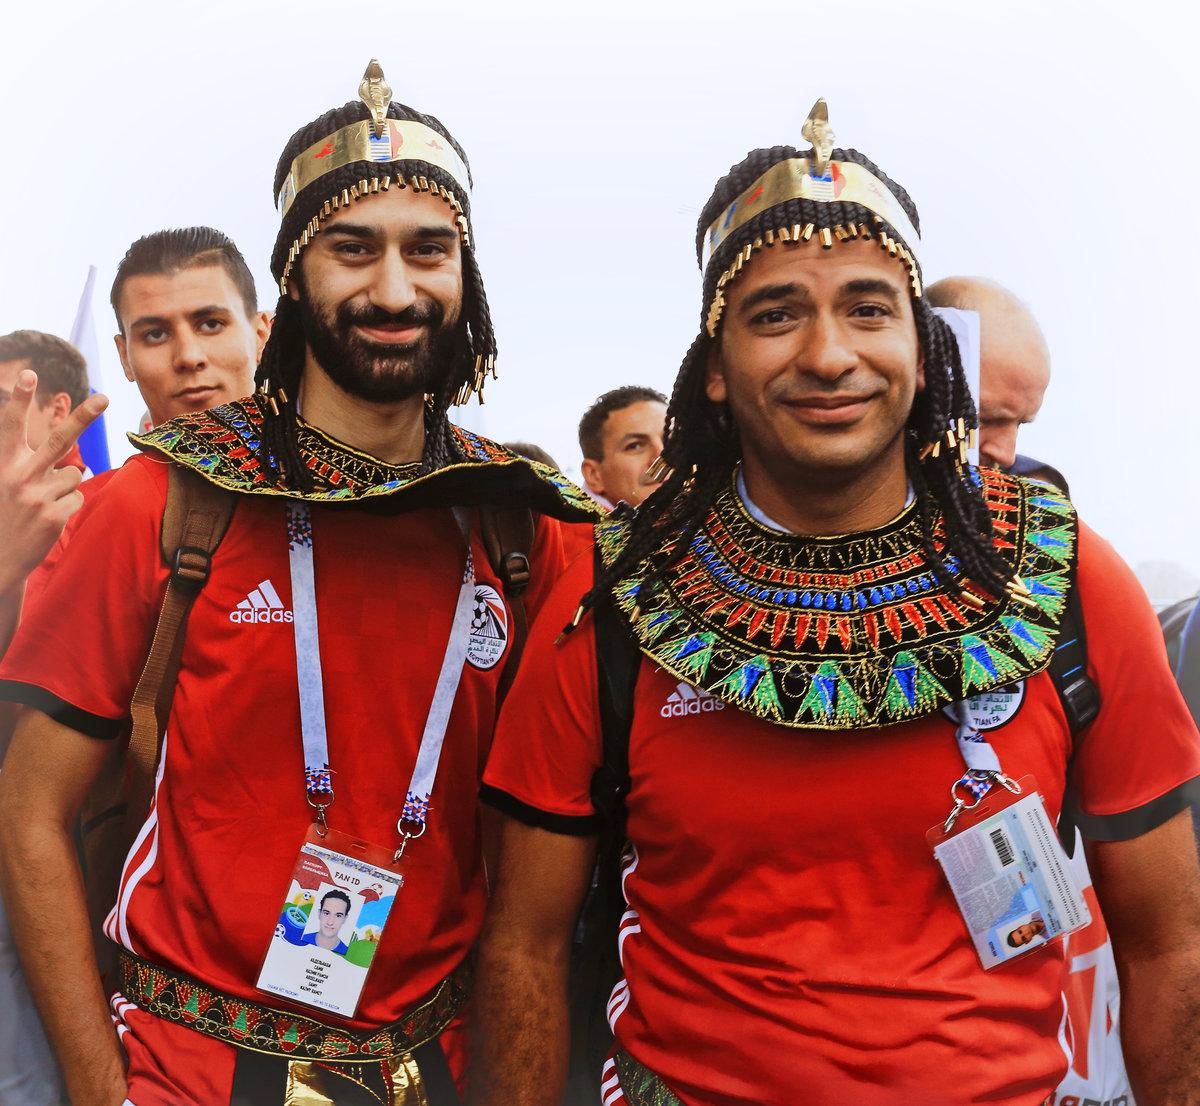 Портрет болельщиков команды Египта. Смущенные и немного грустные улыбки, как будто предчувствовали что-то...